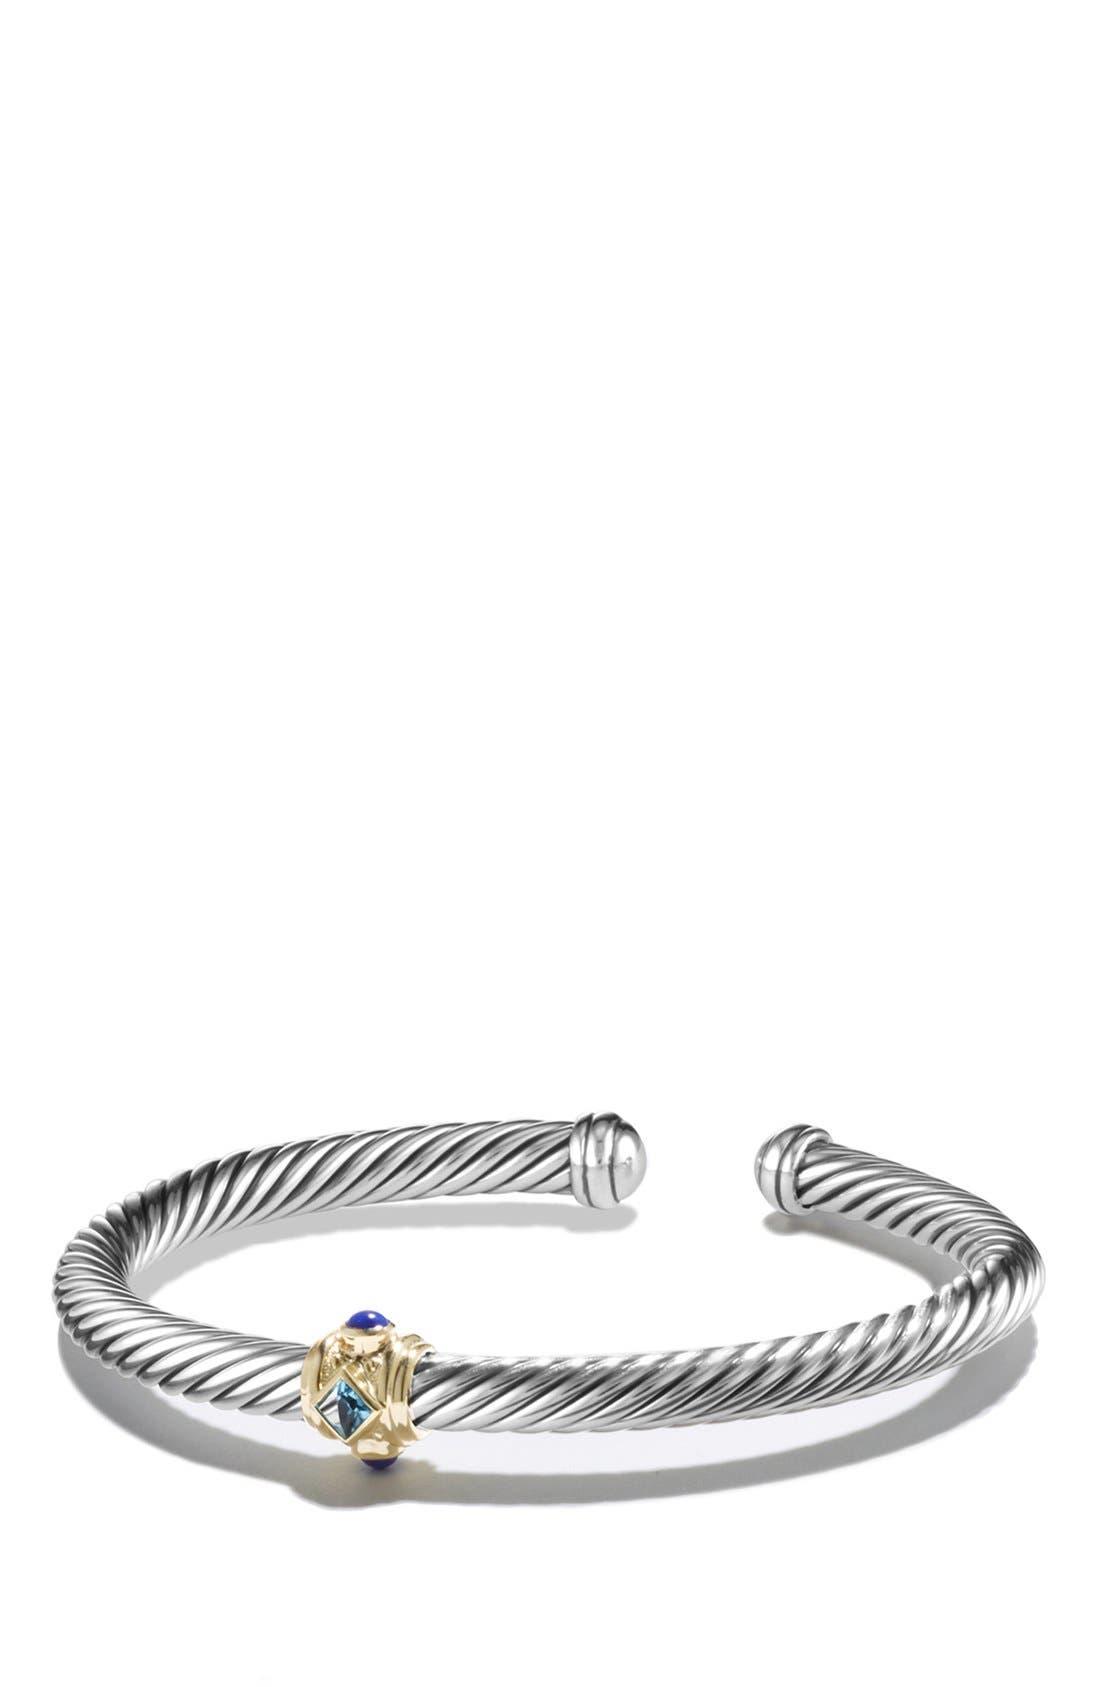 Renaissance Bracelet with Semiprecious Stones & 14K Gold, 5mm,                         Main,                         color, BLUE TOPAZ